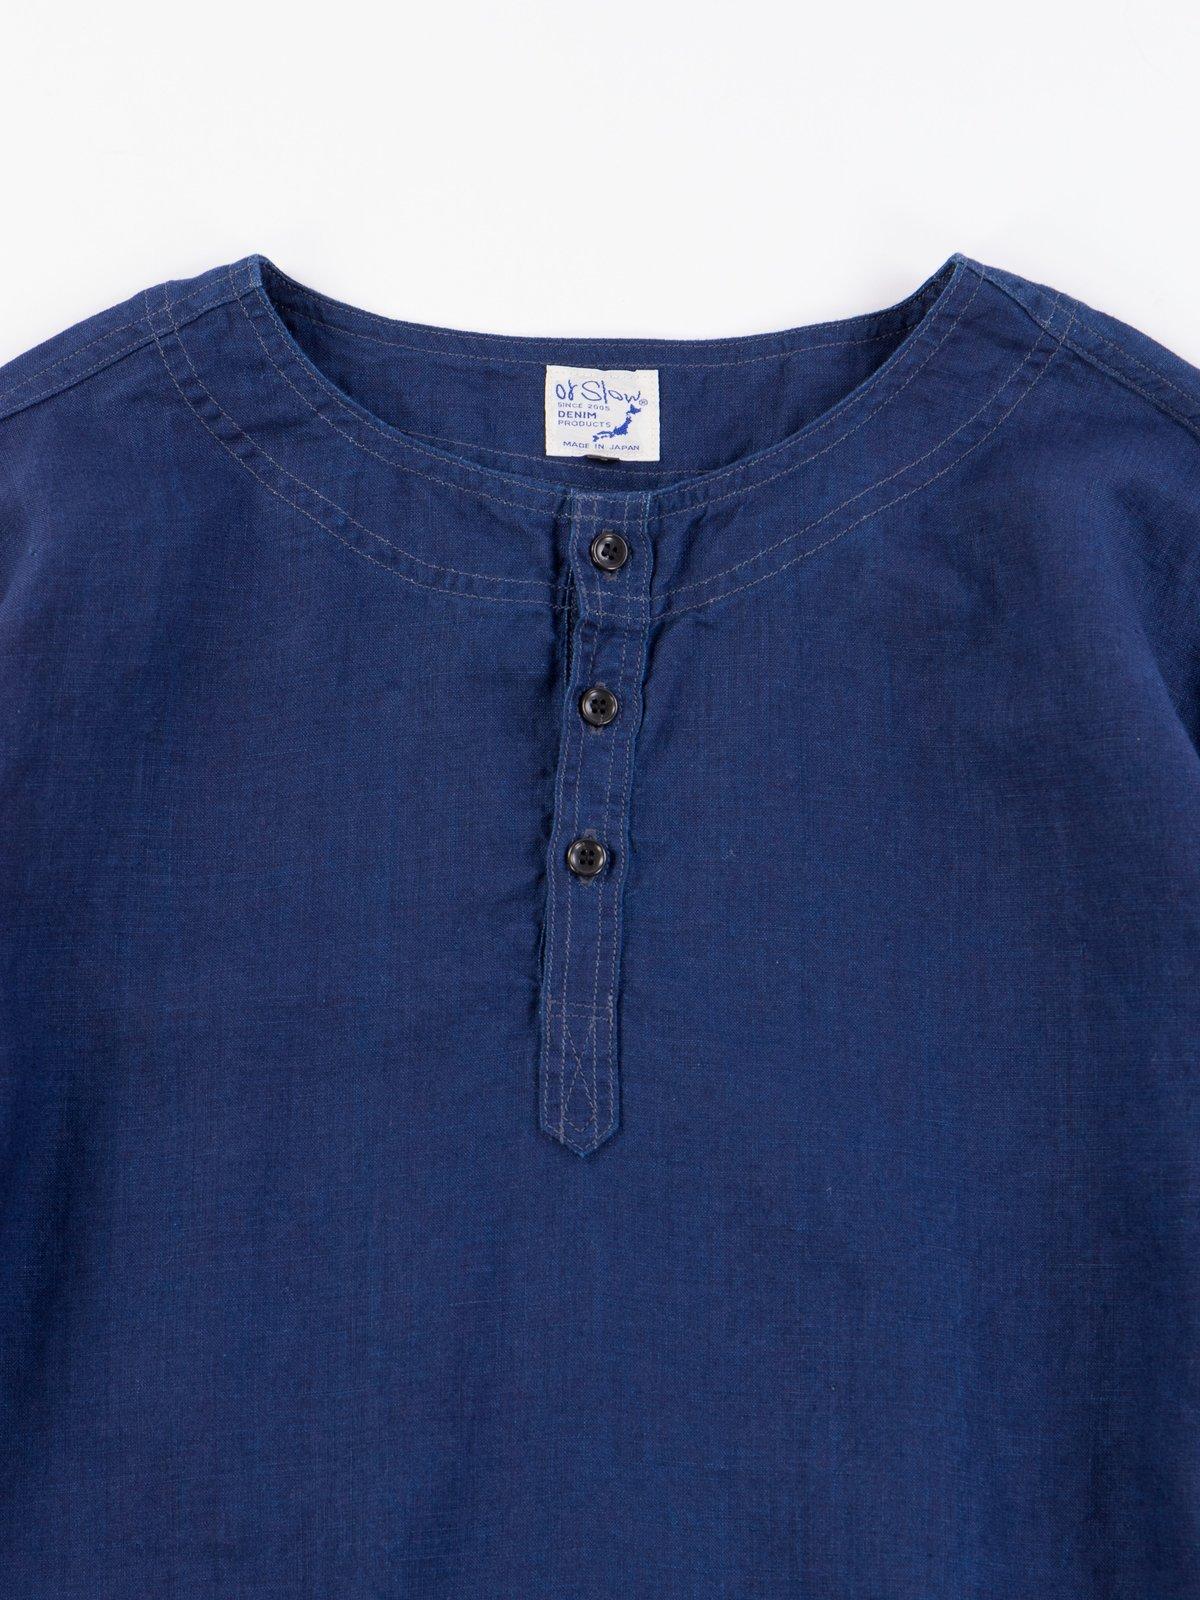 Indigo Linen Pullover Shirt - Image 3